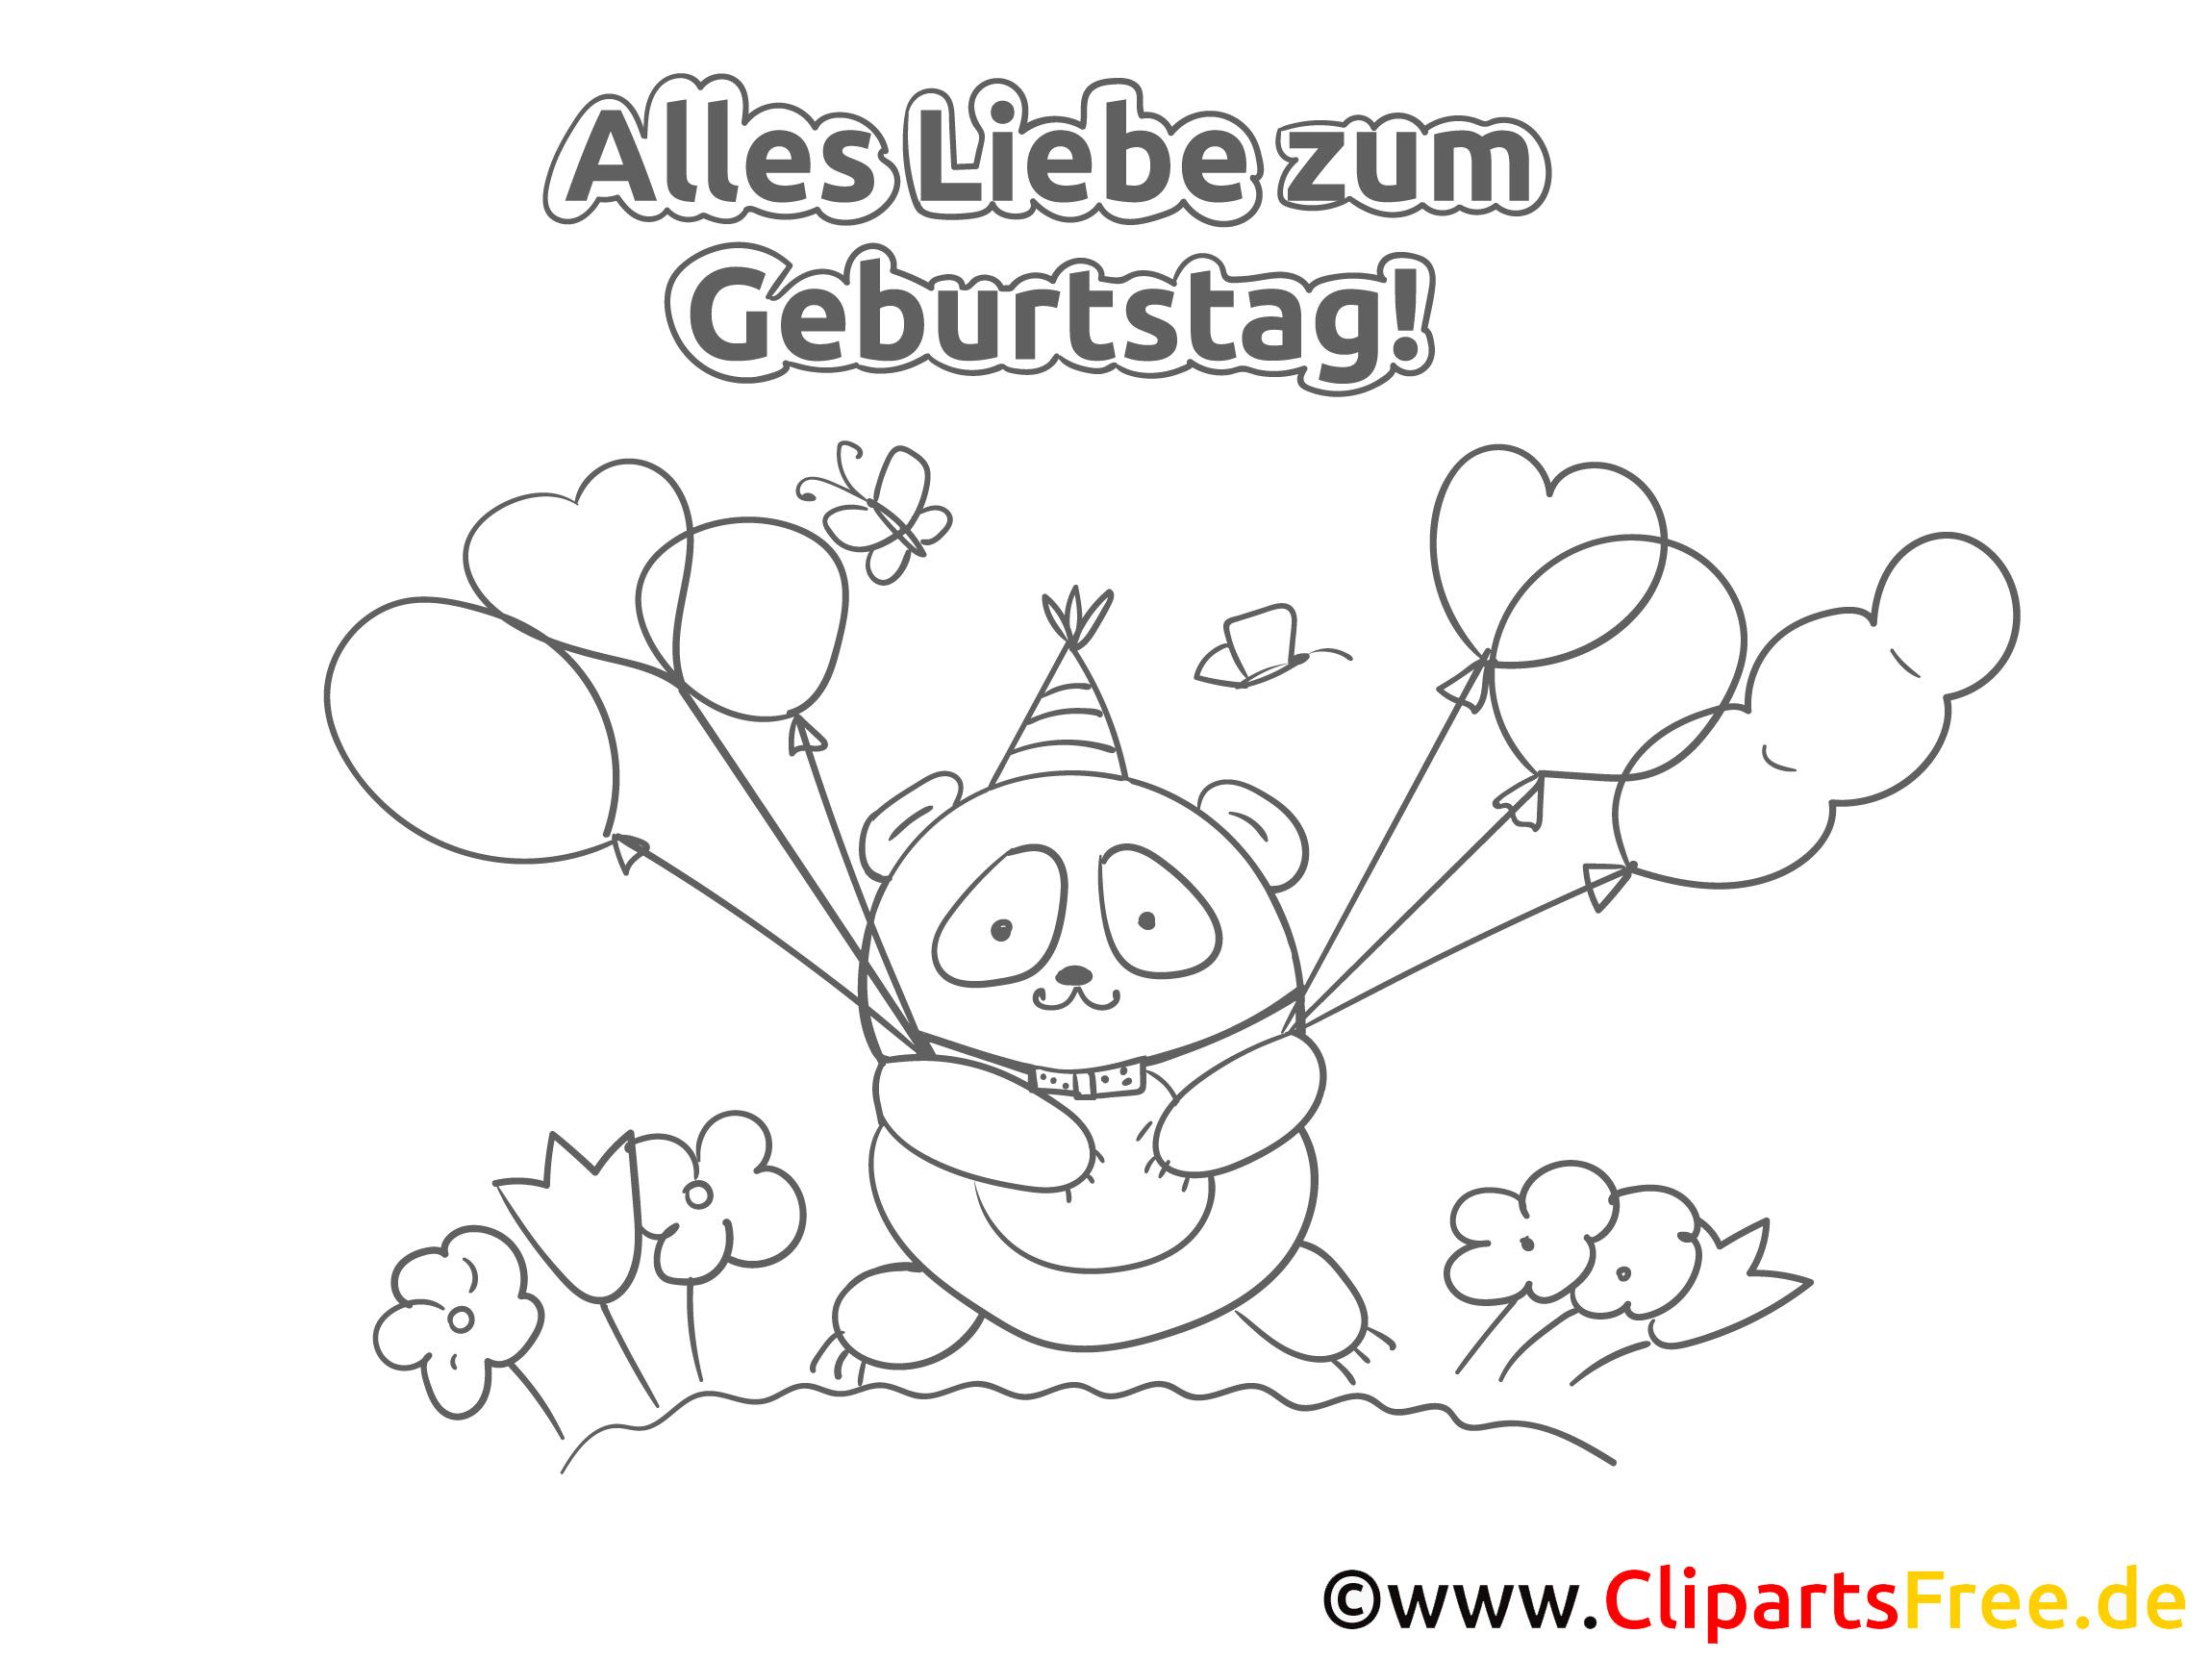 Ausmalbilder Zum 50 Geburtstag : Ausmalbild Geburtstag Luftballons Beste Geschenk Website Foto Blog